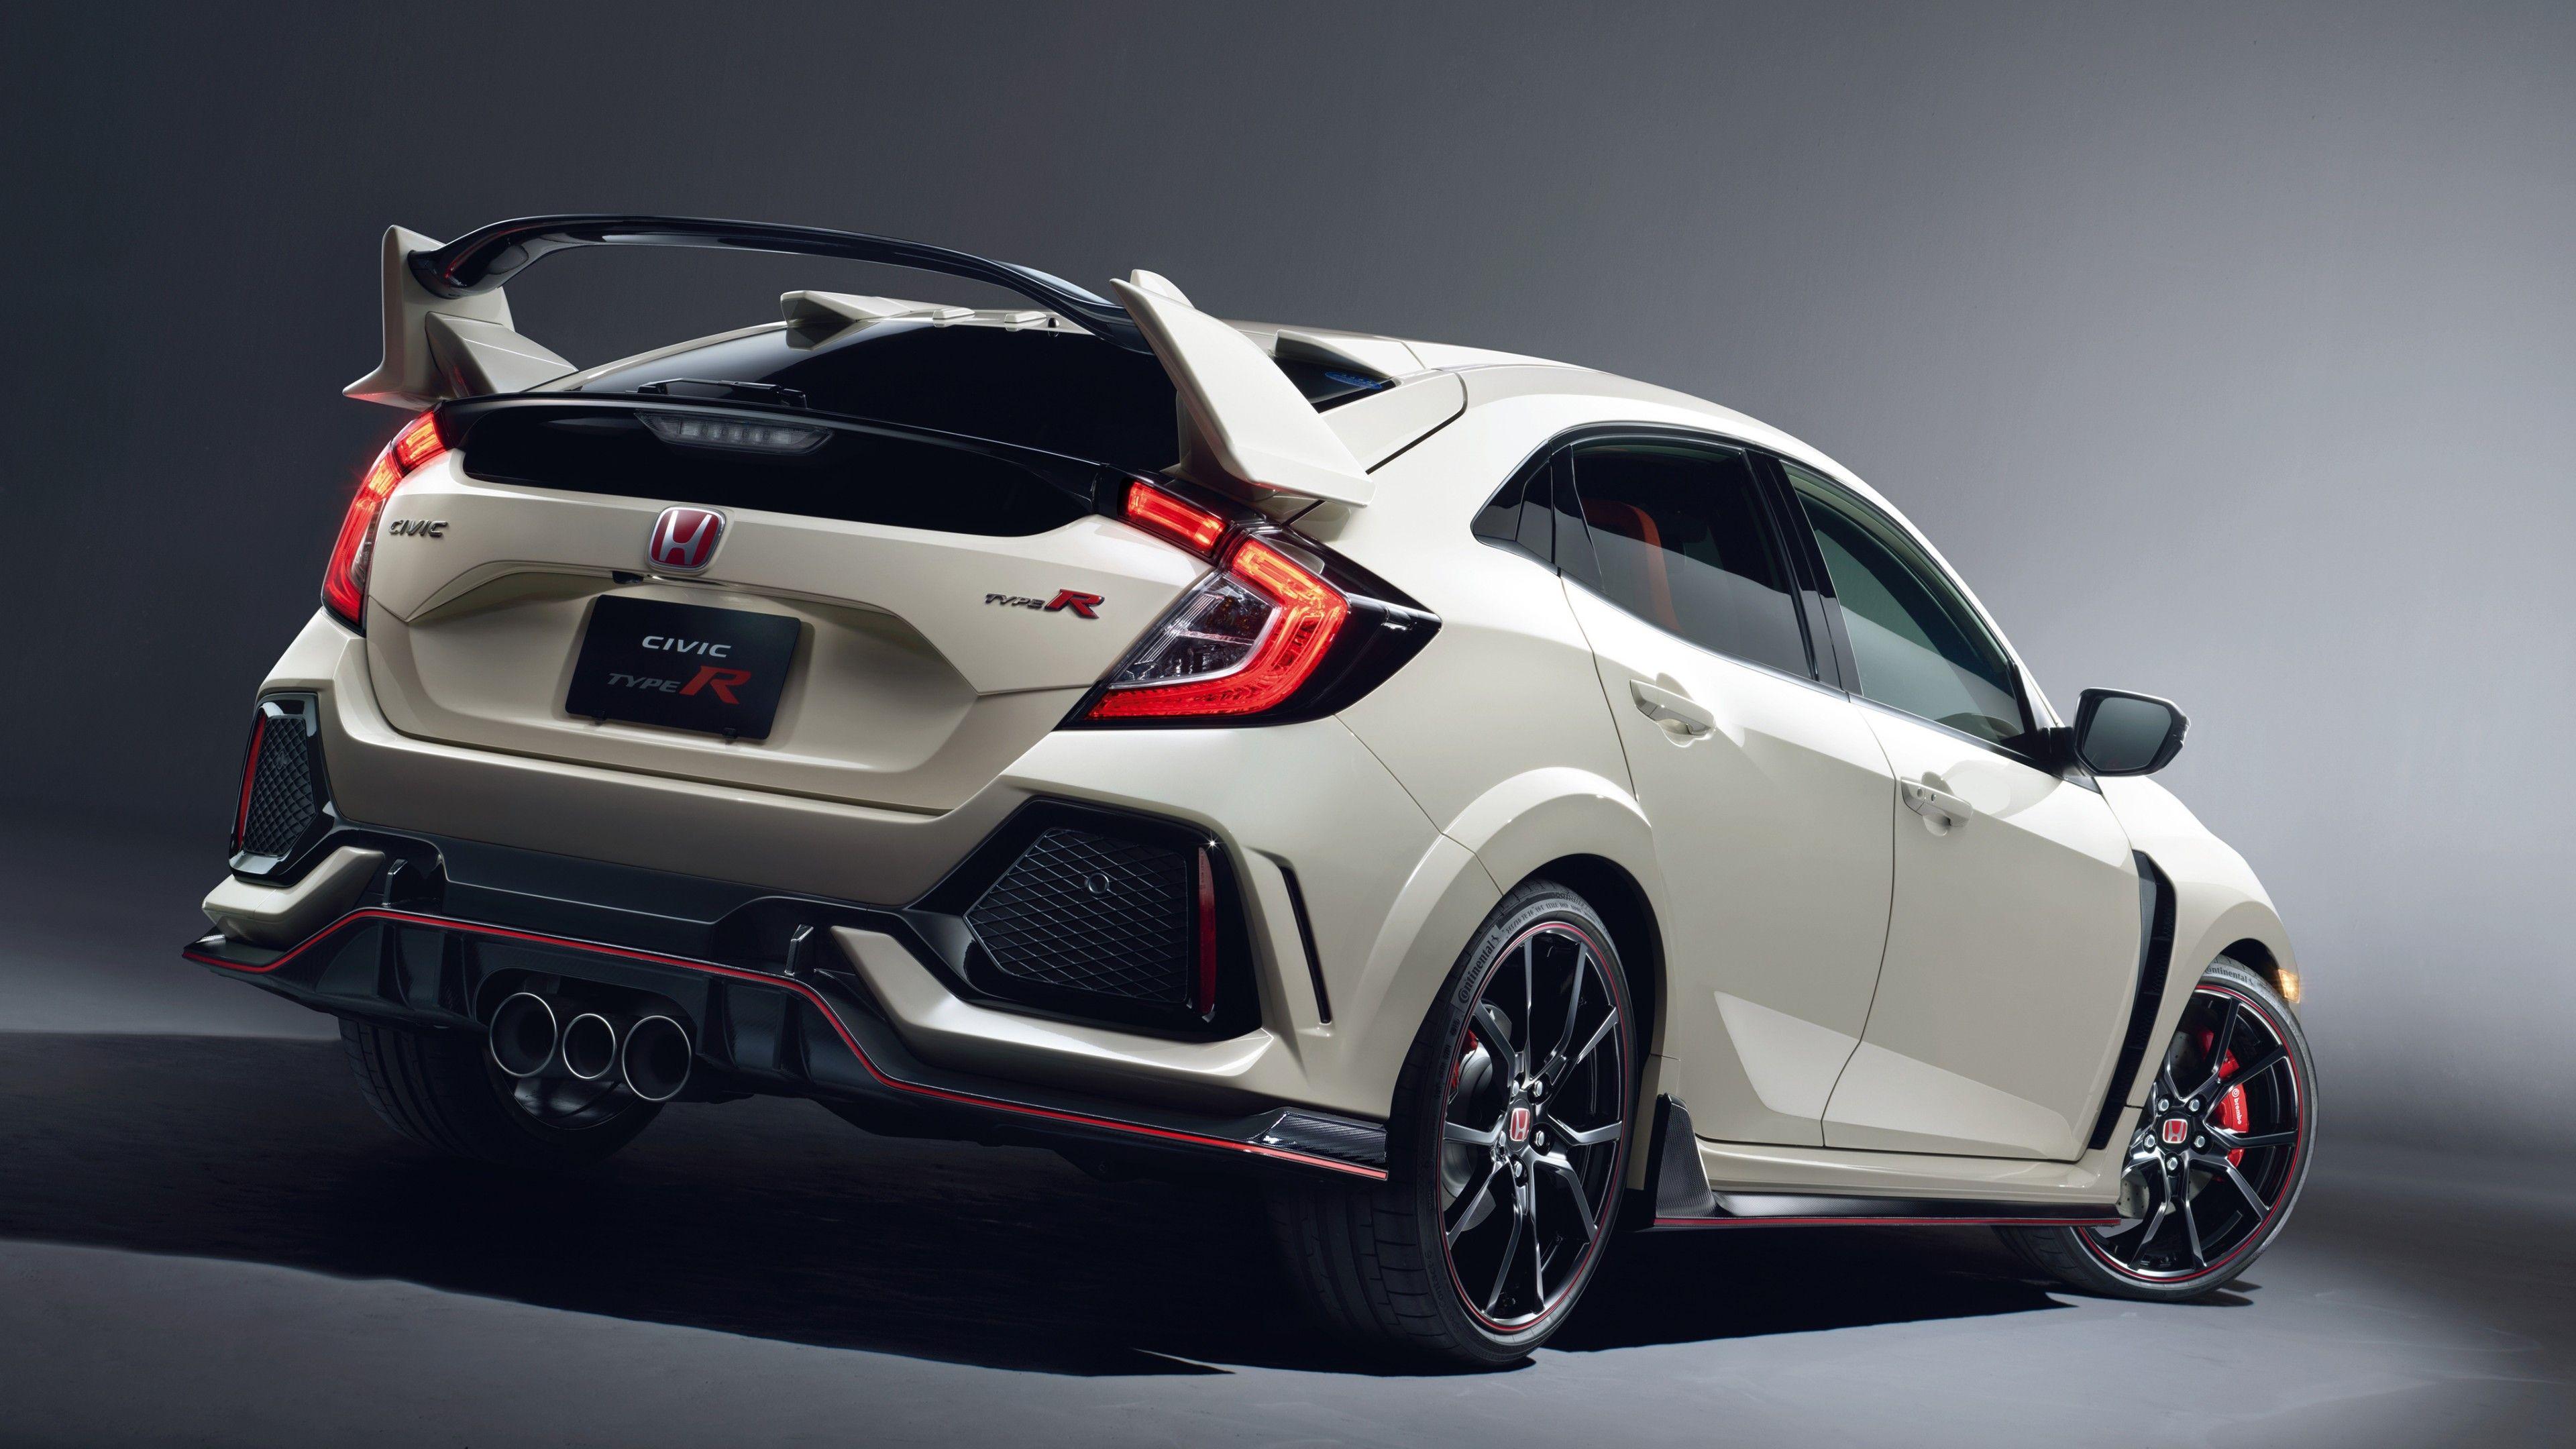 Honda Civic Type R Wallpaper Full Hd Mobil Gambar Pengantin Gambar